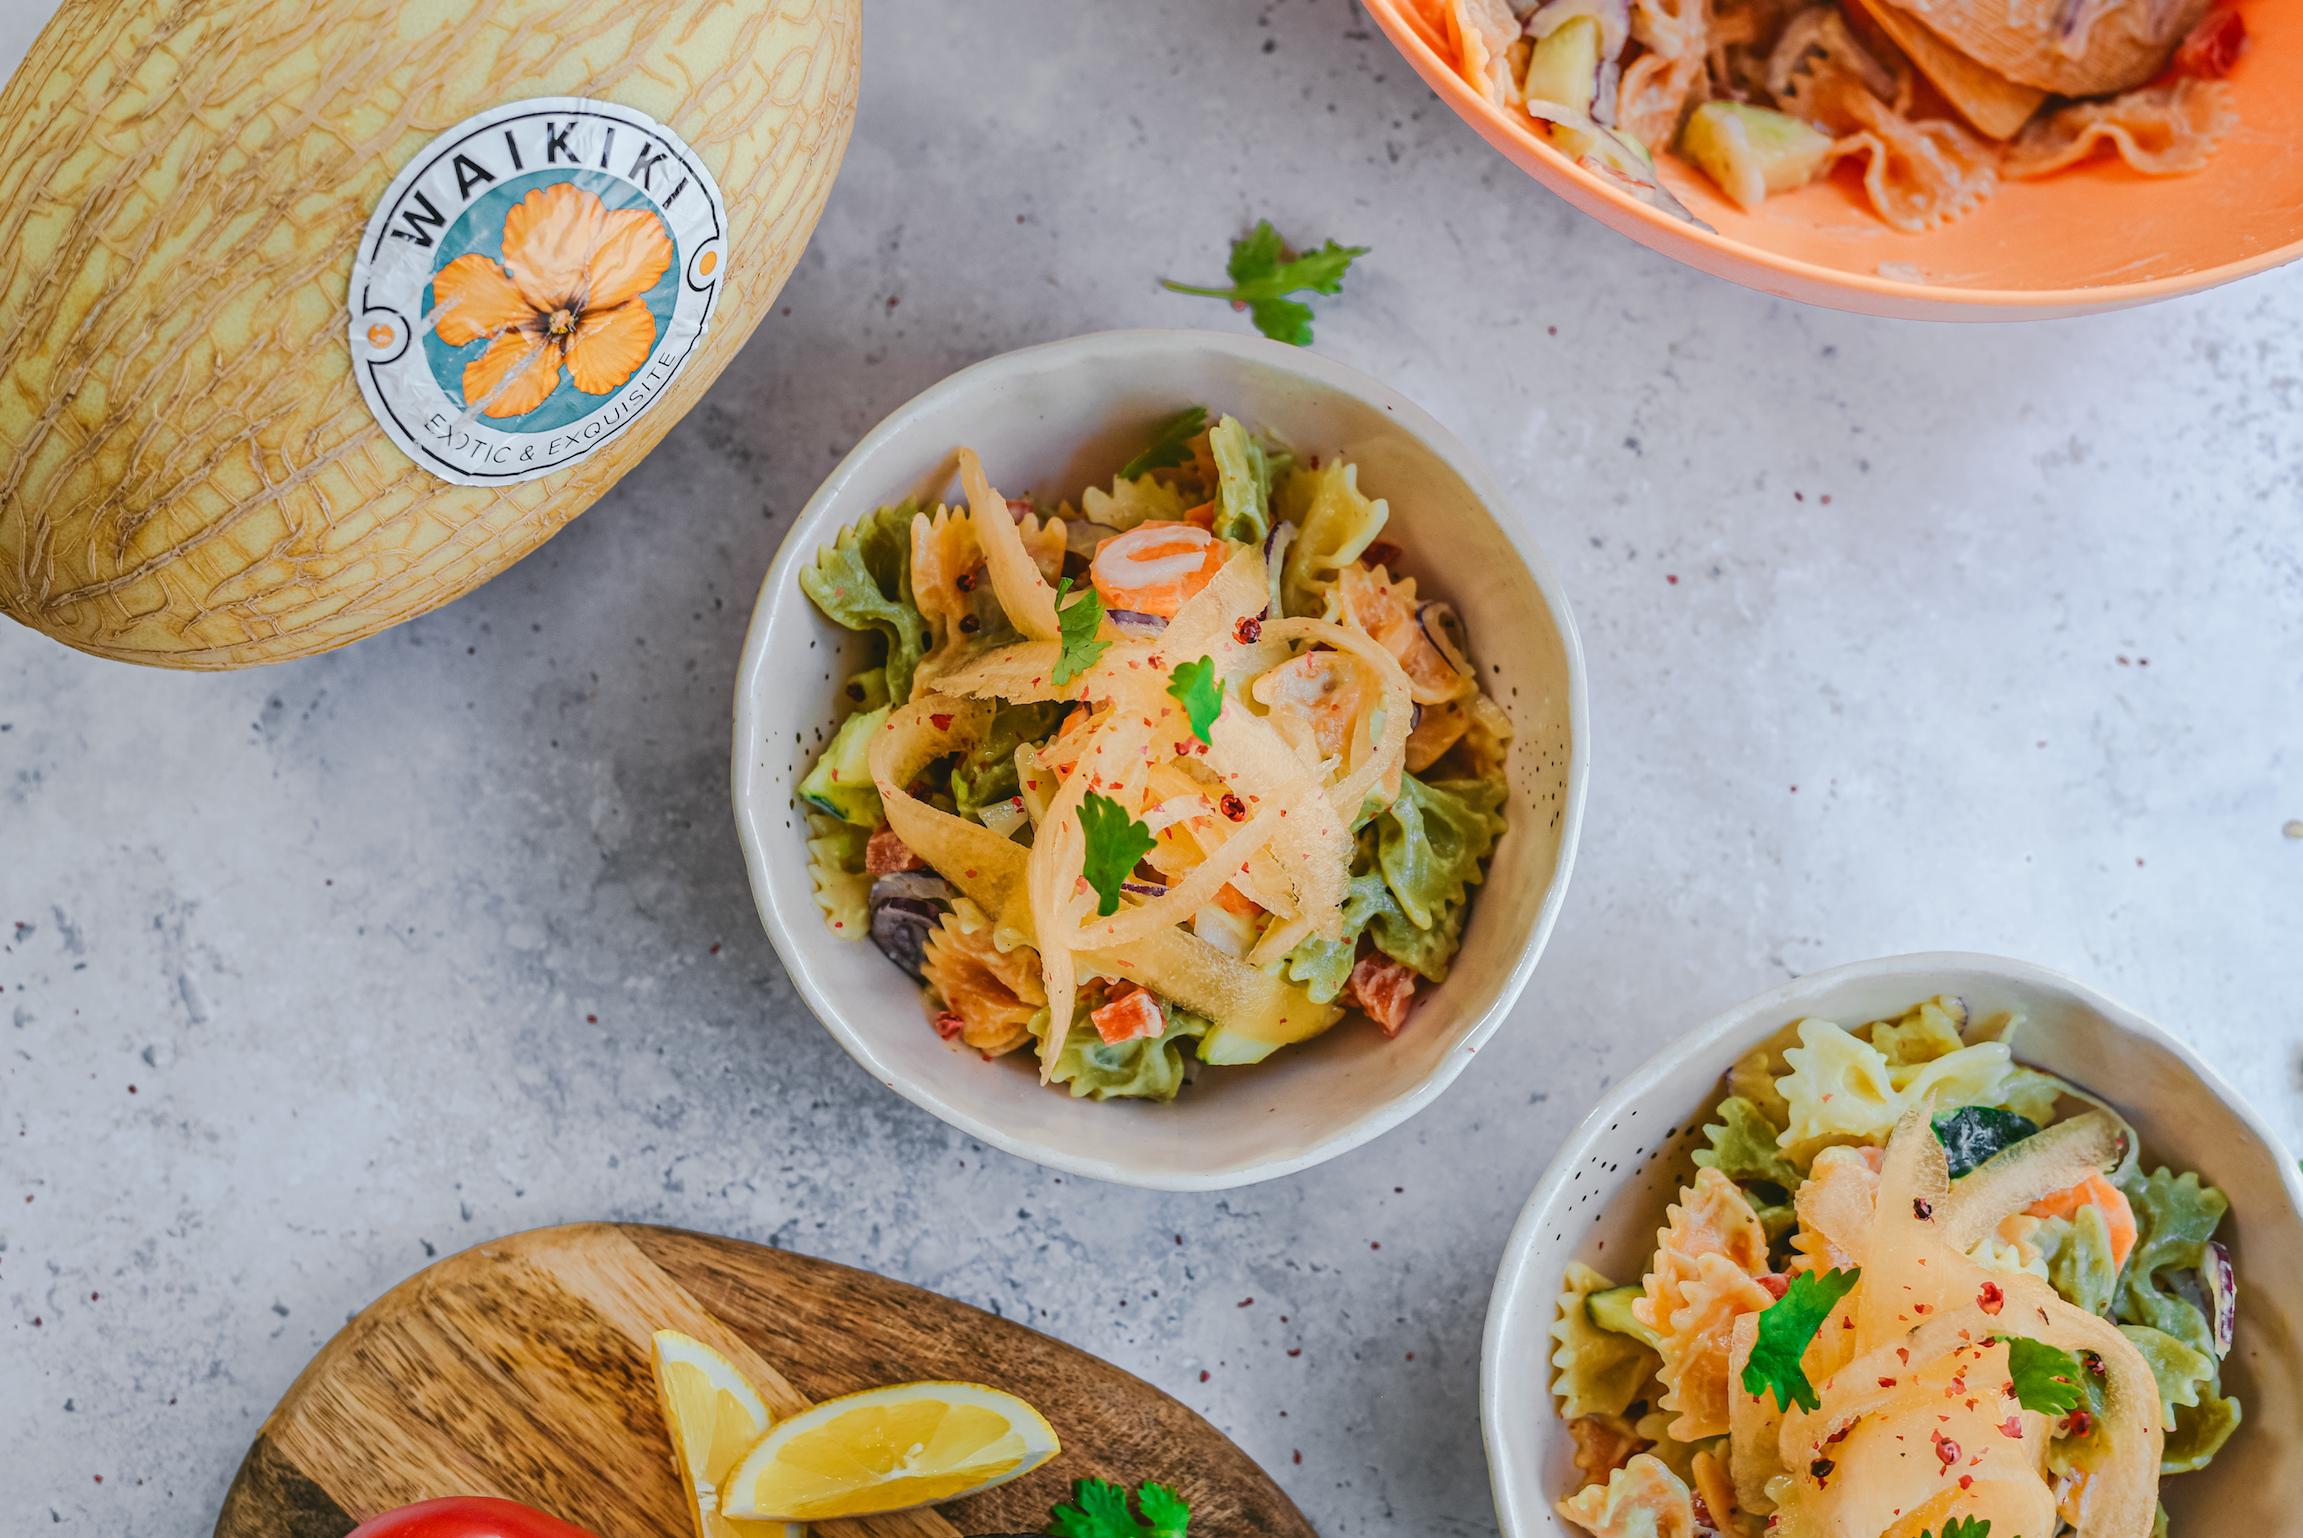 Ensalada de pasta aguacate y noodles de melón Waikiki